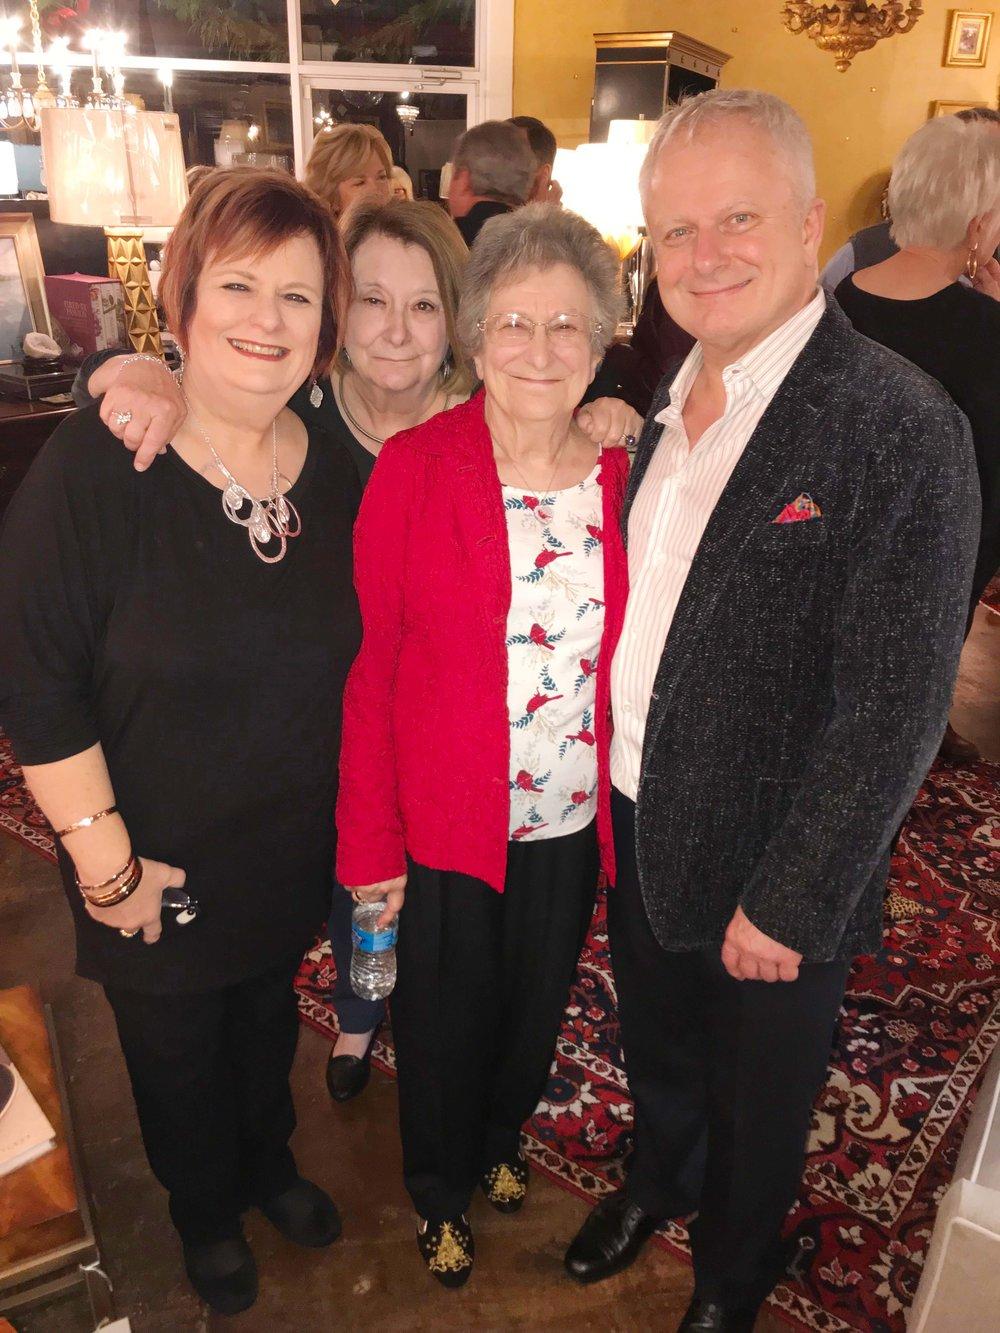 Tina Shearman, Debbie James, Lou Ann Brown and Jeff Brown